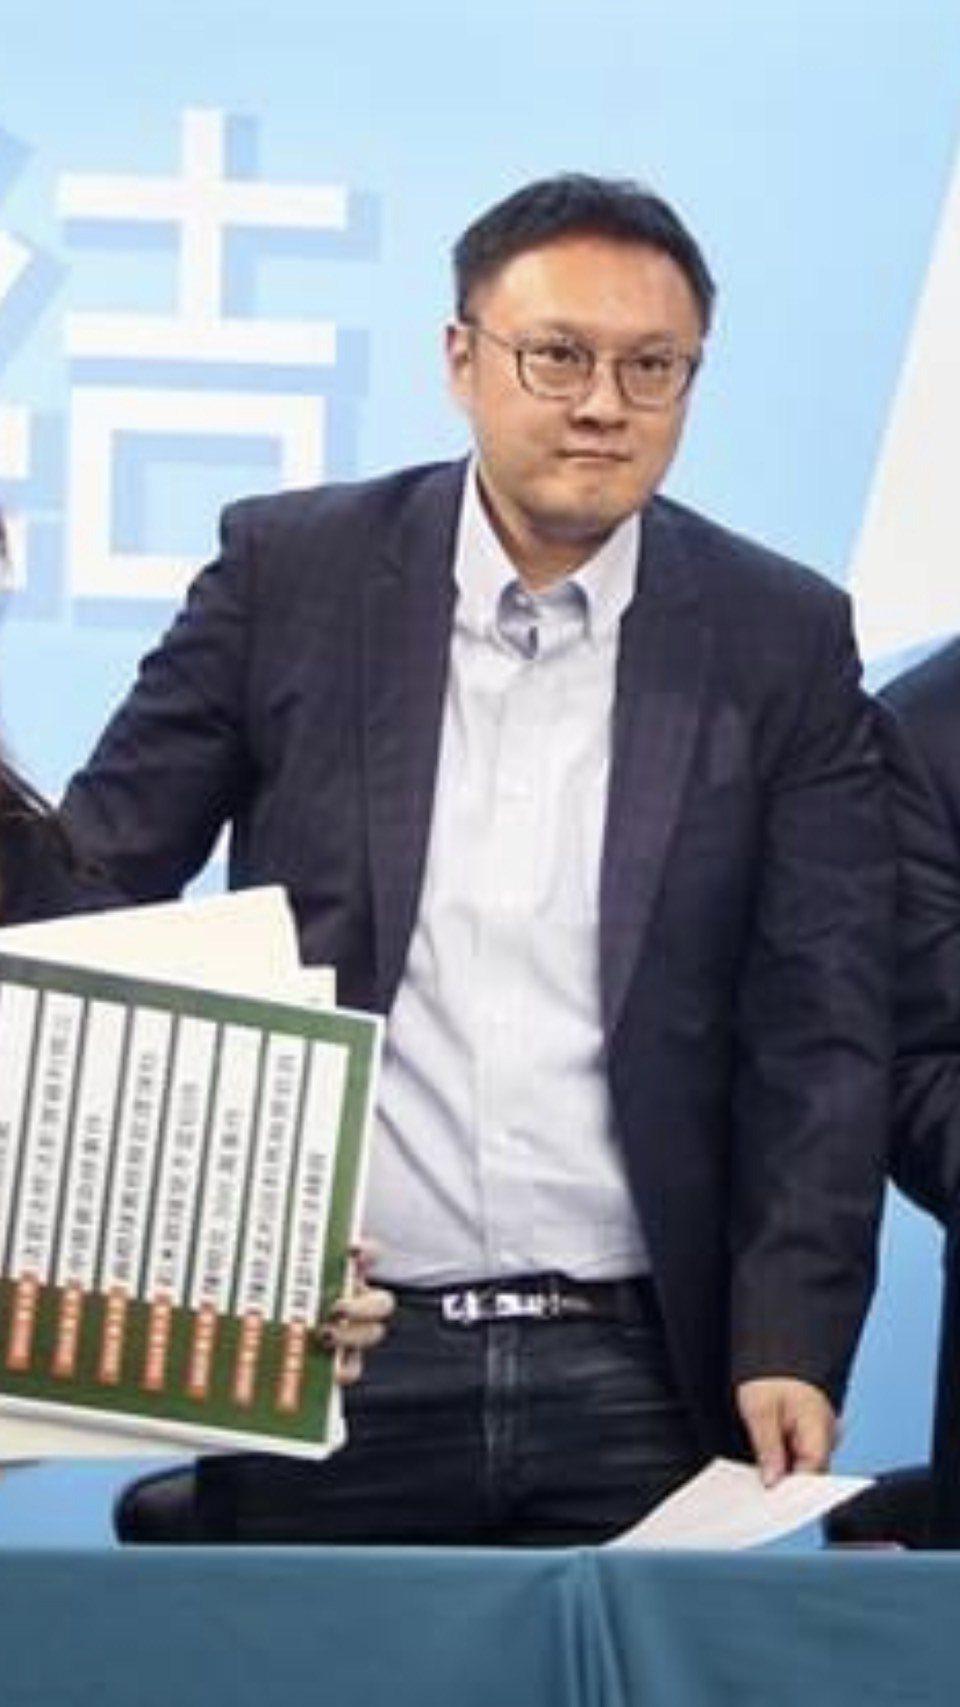 國民黨文傳會副主委鄭照新認為,國民黨歡迎趙少康重返。圖/取自臉書